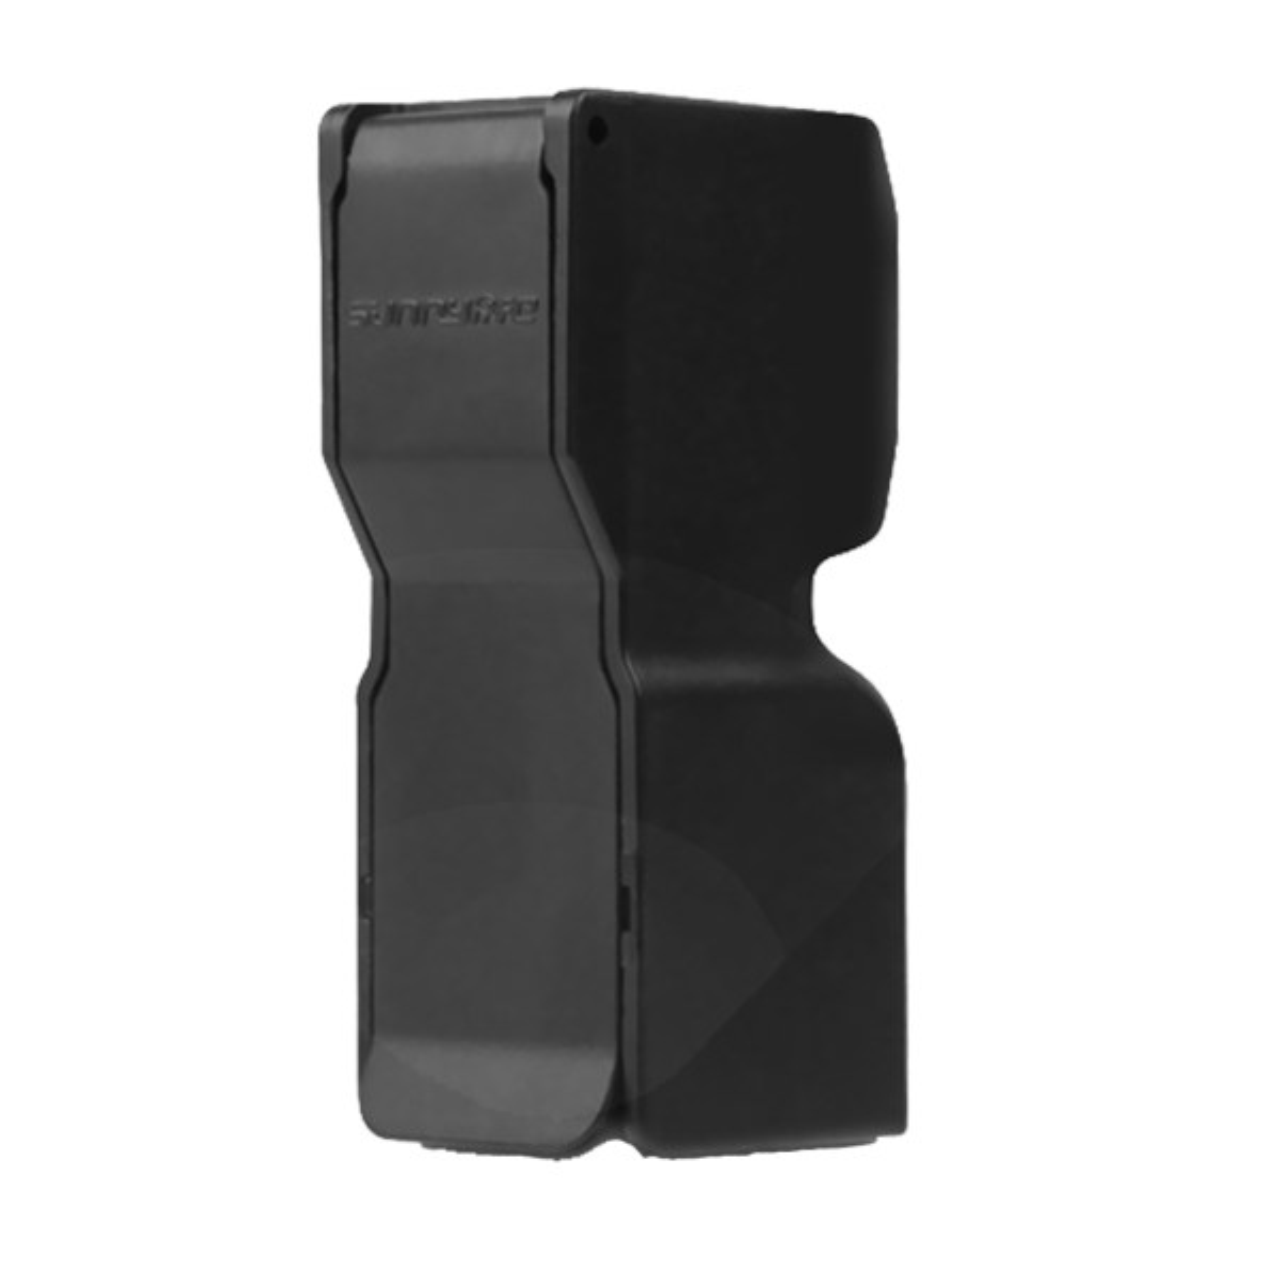 کاور لنز سانی لایف مدل DOP50 مناسب برای دوربین دی جی آی Osmo Pocket